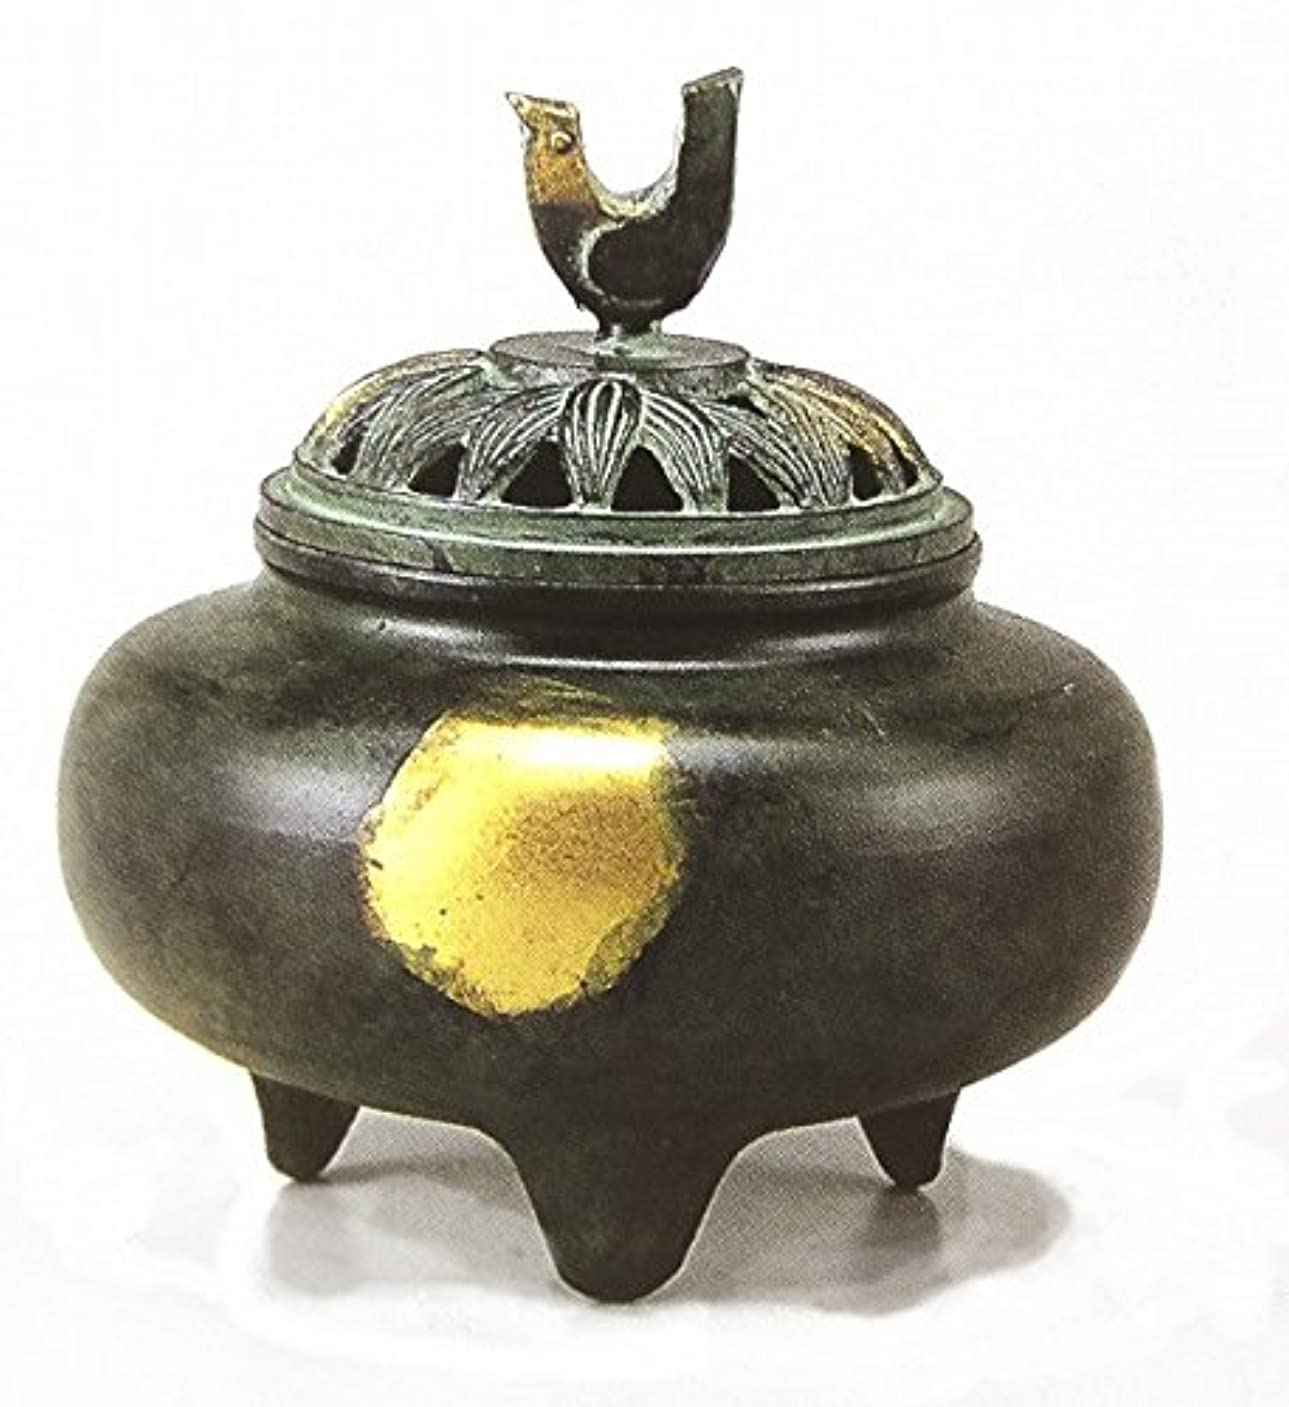 環境砂確執『珠玉型香炉』銅製